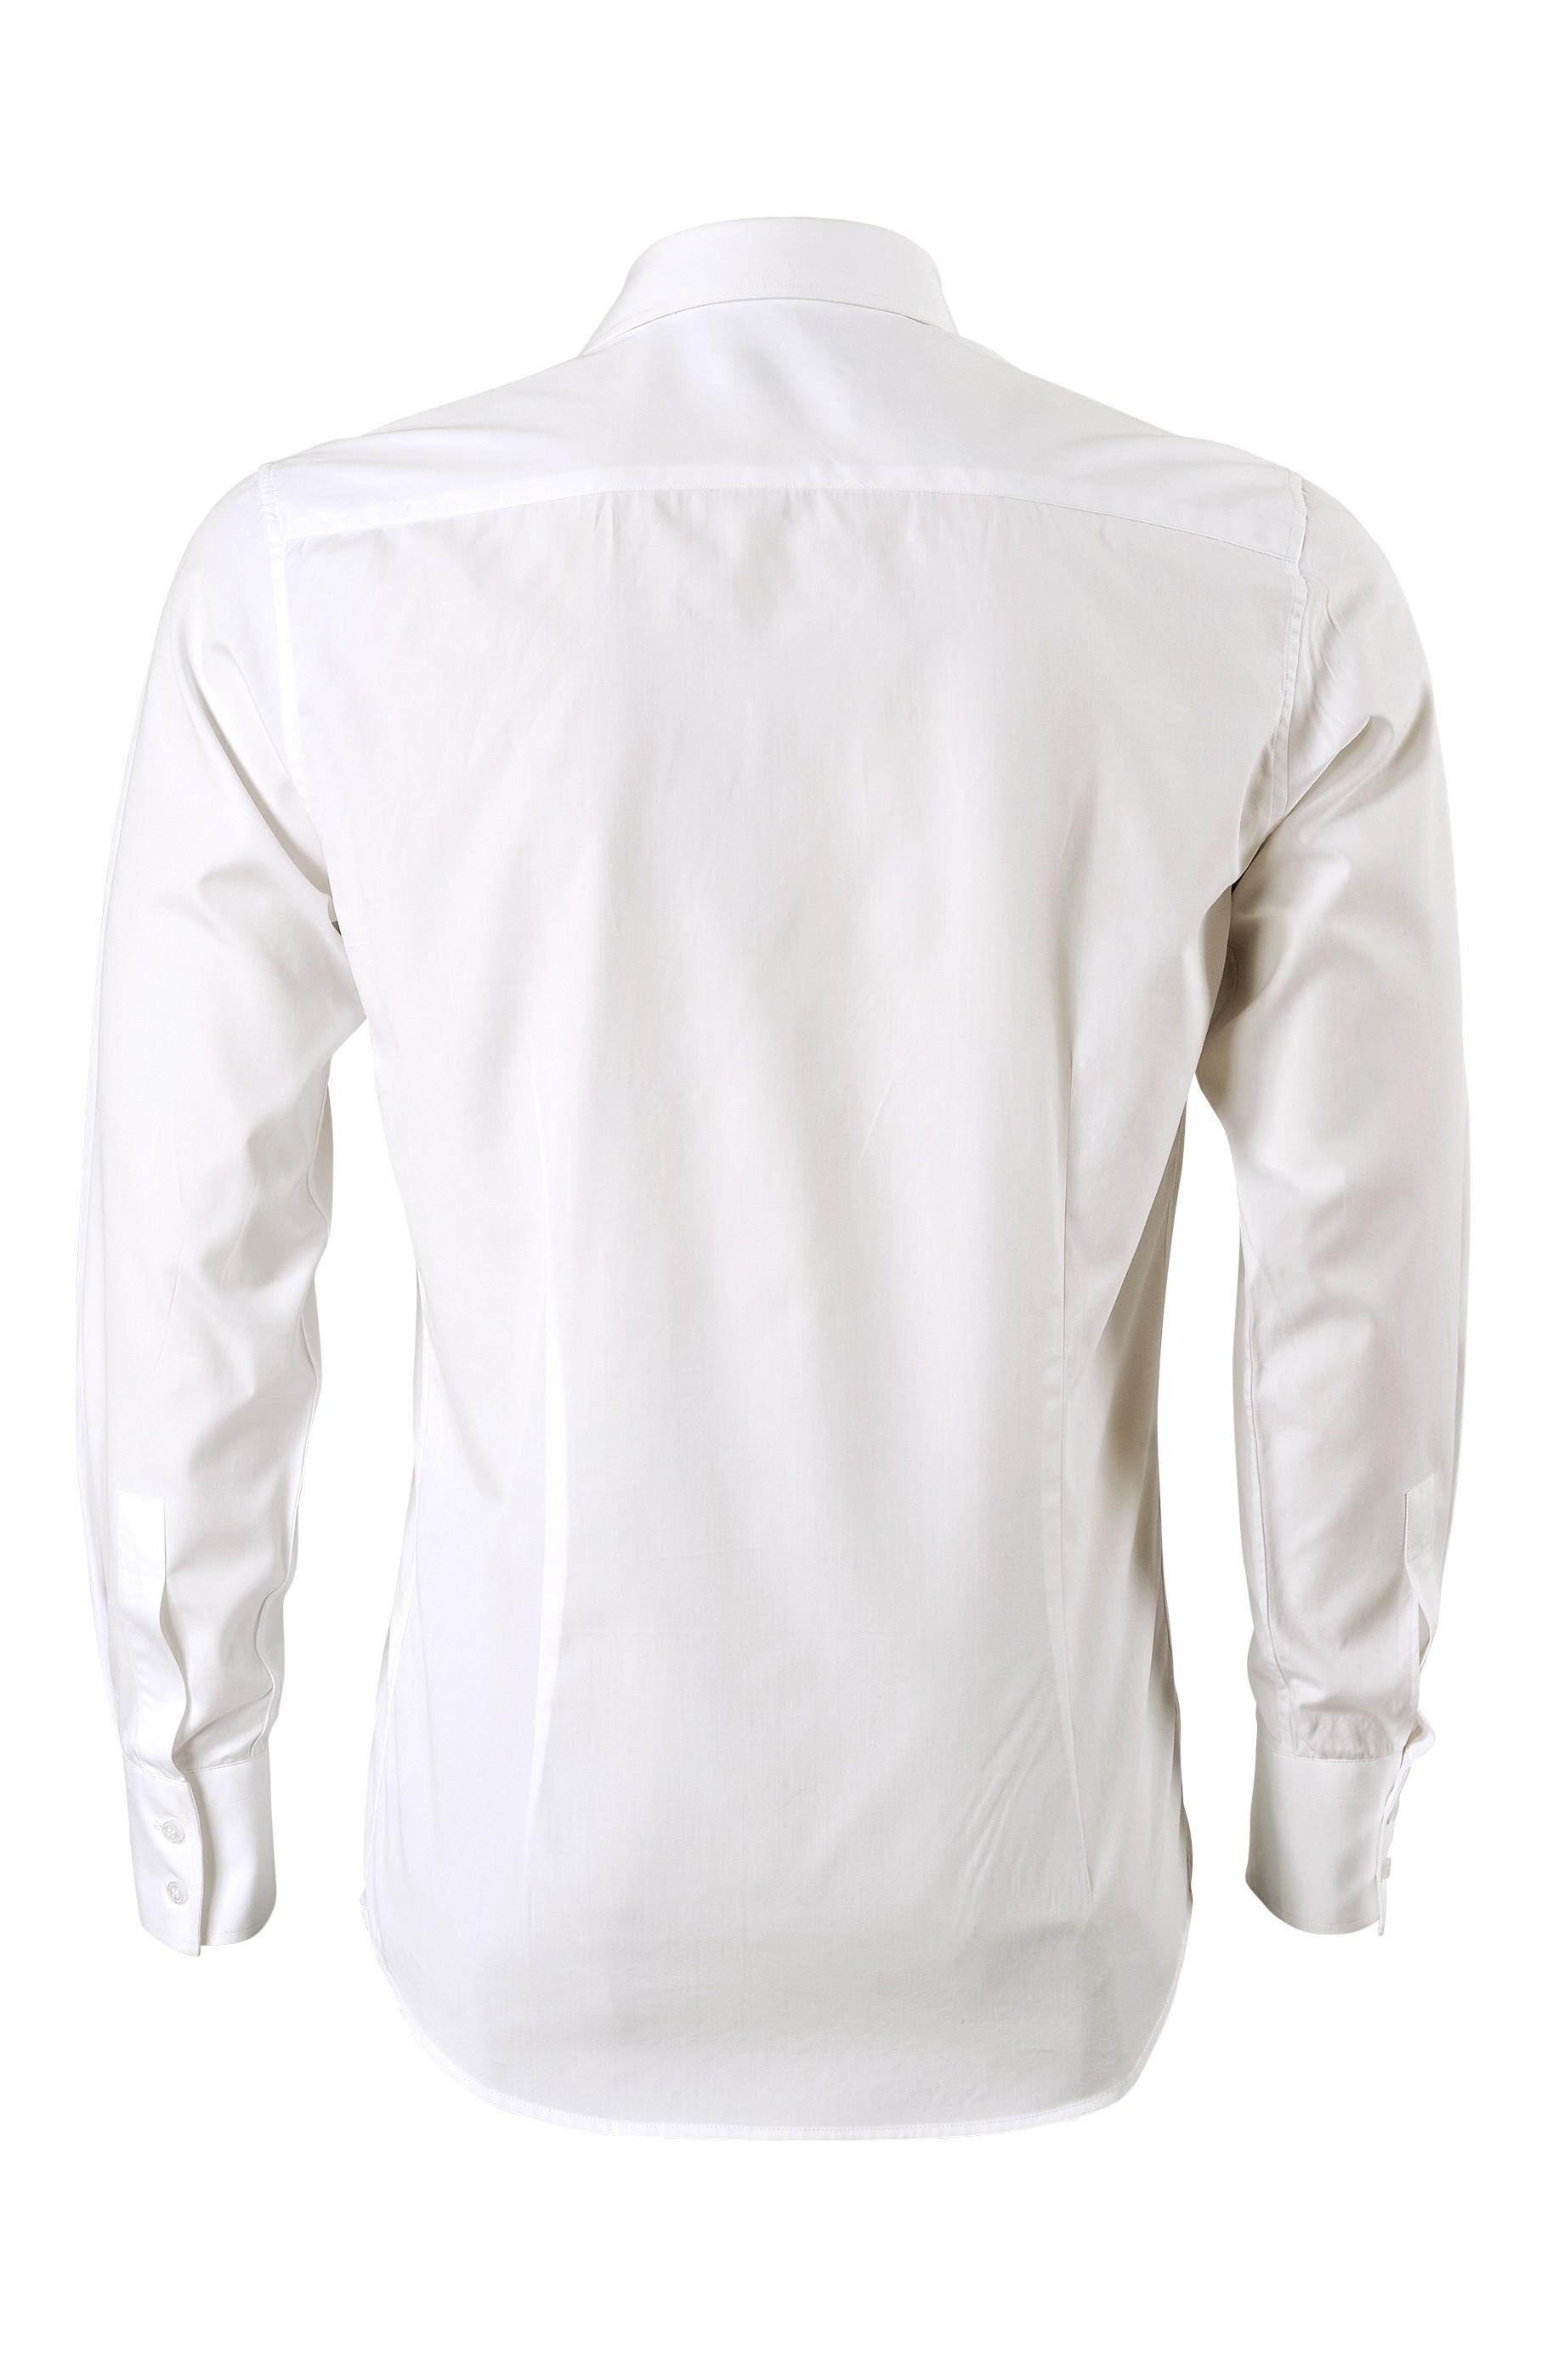 Majesté Couture Paris: WHITE PARIGOTE SHIRT | Clothing,Clothing > Shirts -  Hiphunters Shop